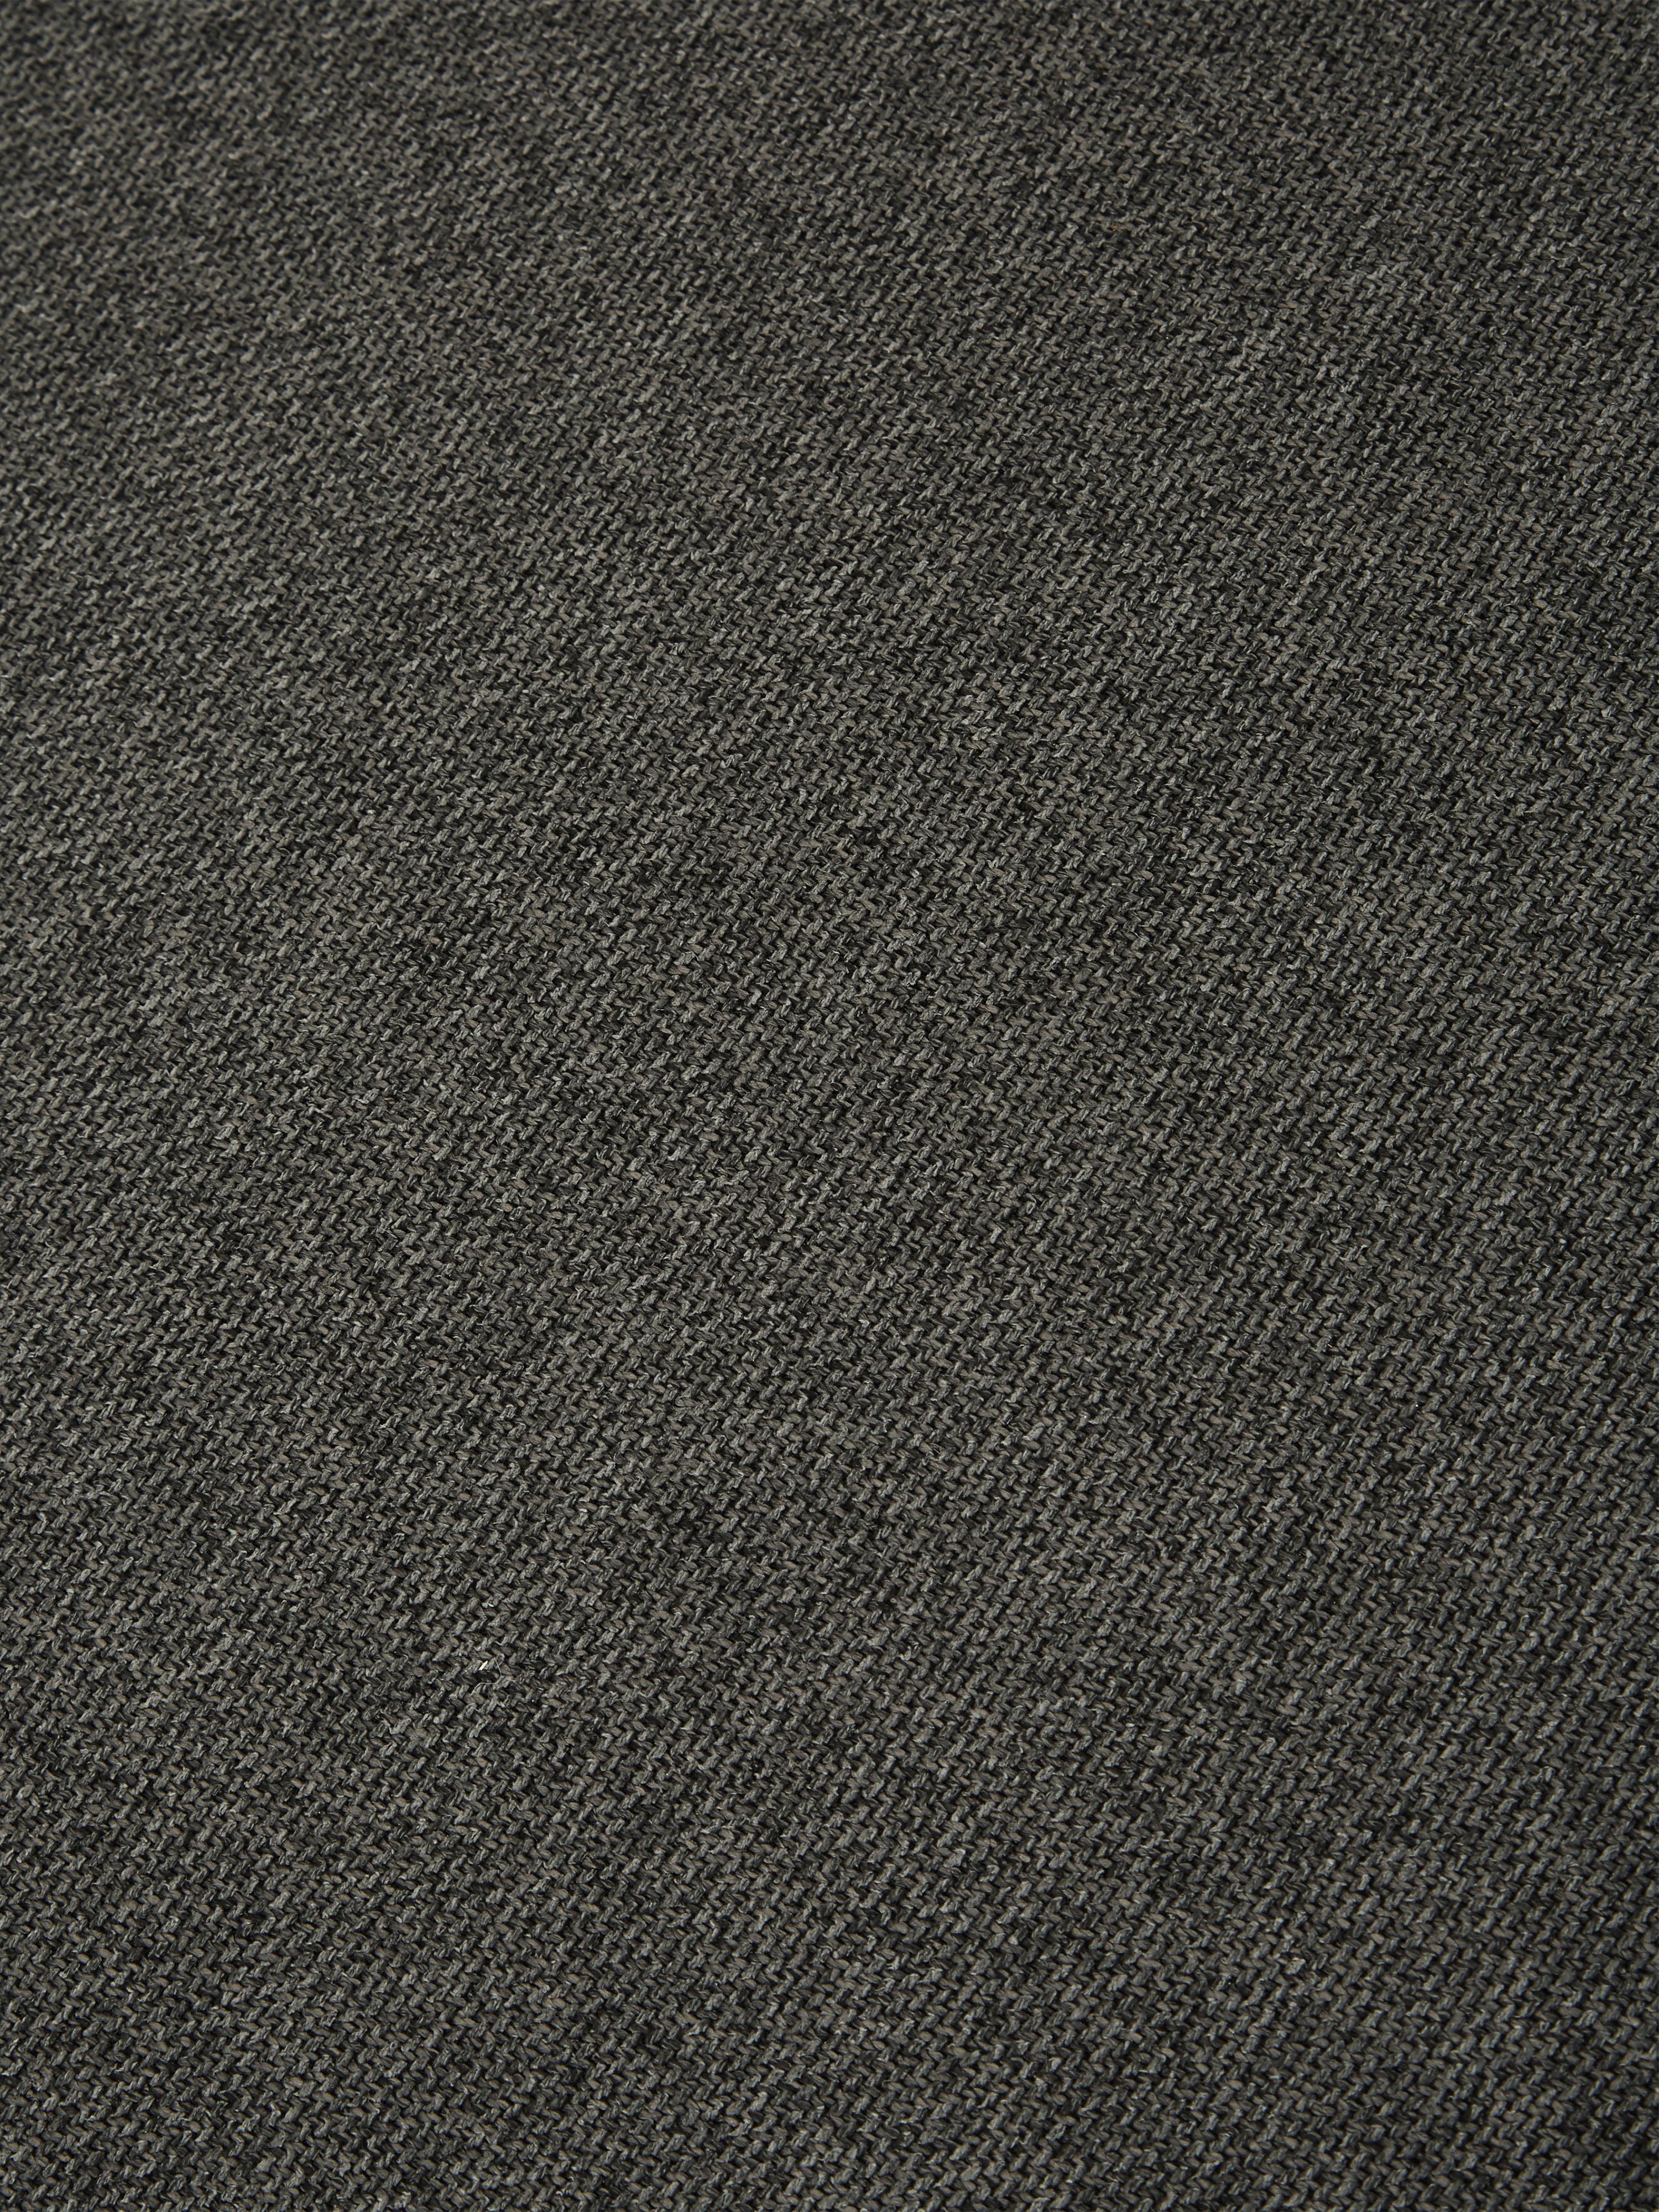 Divano componibile grande in tessuto antracite Lennon, Rivestimento: poliestere 35.000 cicli d, Struttura: legno di pino massiccio, , Piedini: materiale sintetico, Tessuto antracite, Larg. 357 x Prof. 119 cm